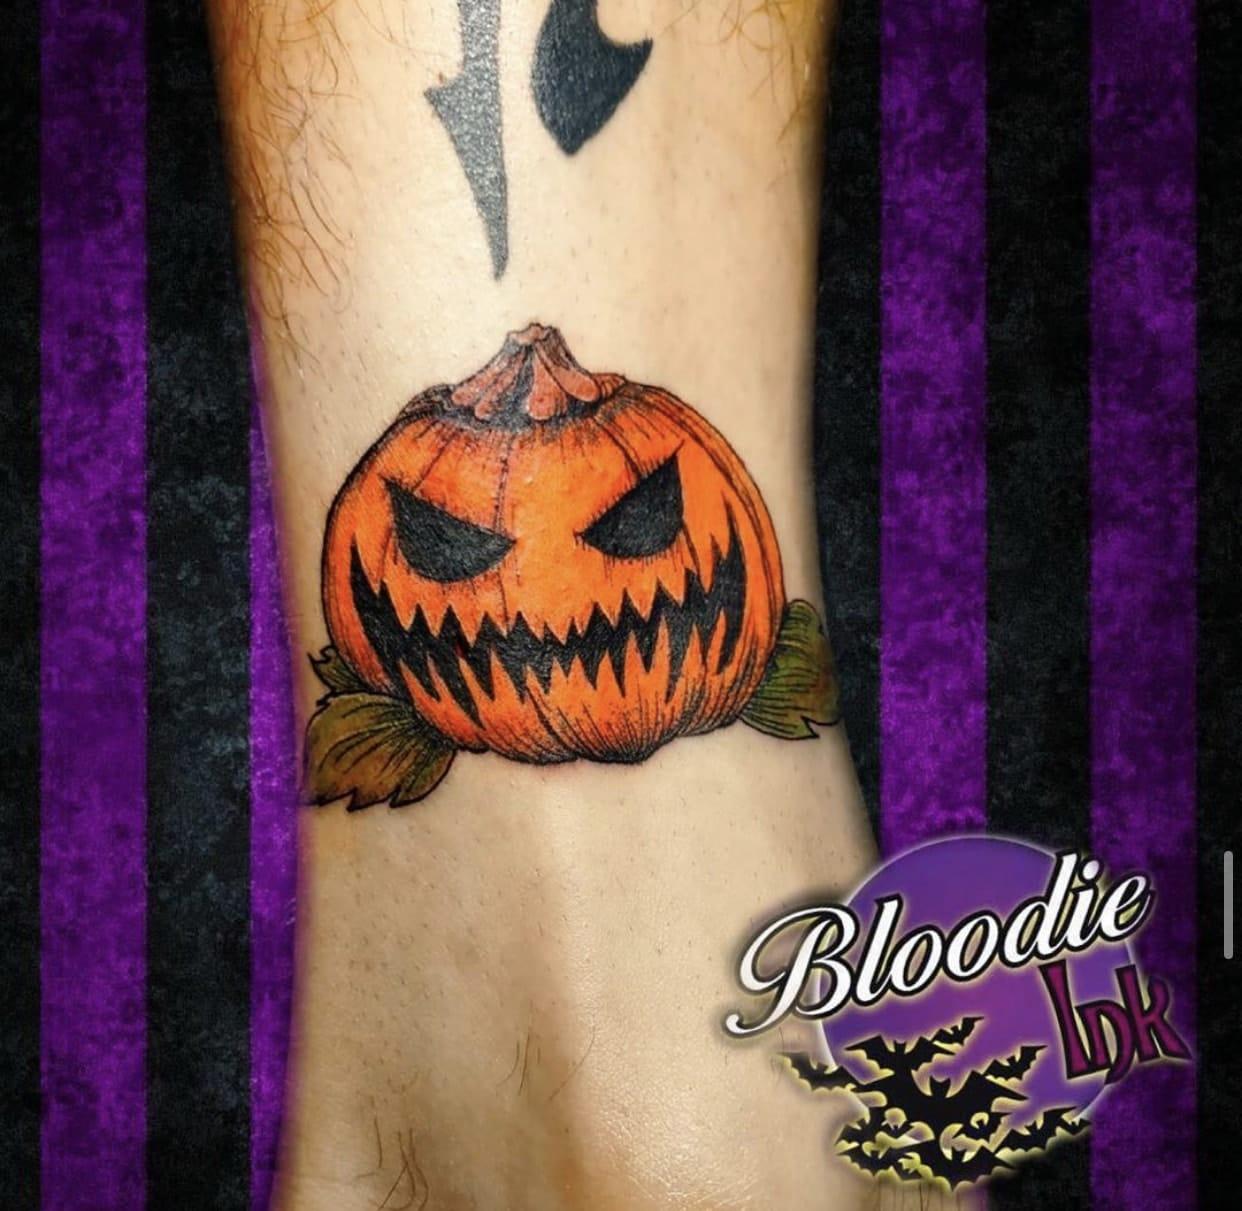 bloodie-ink-halloween